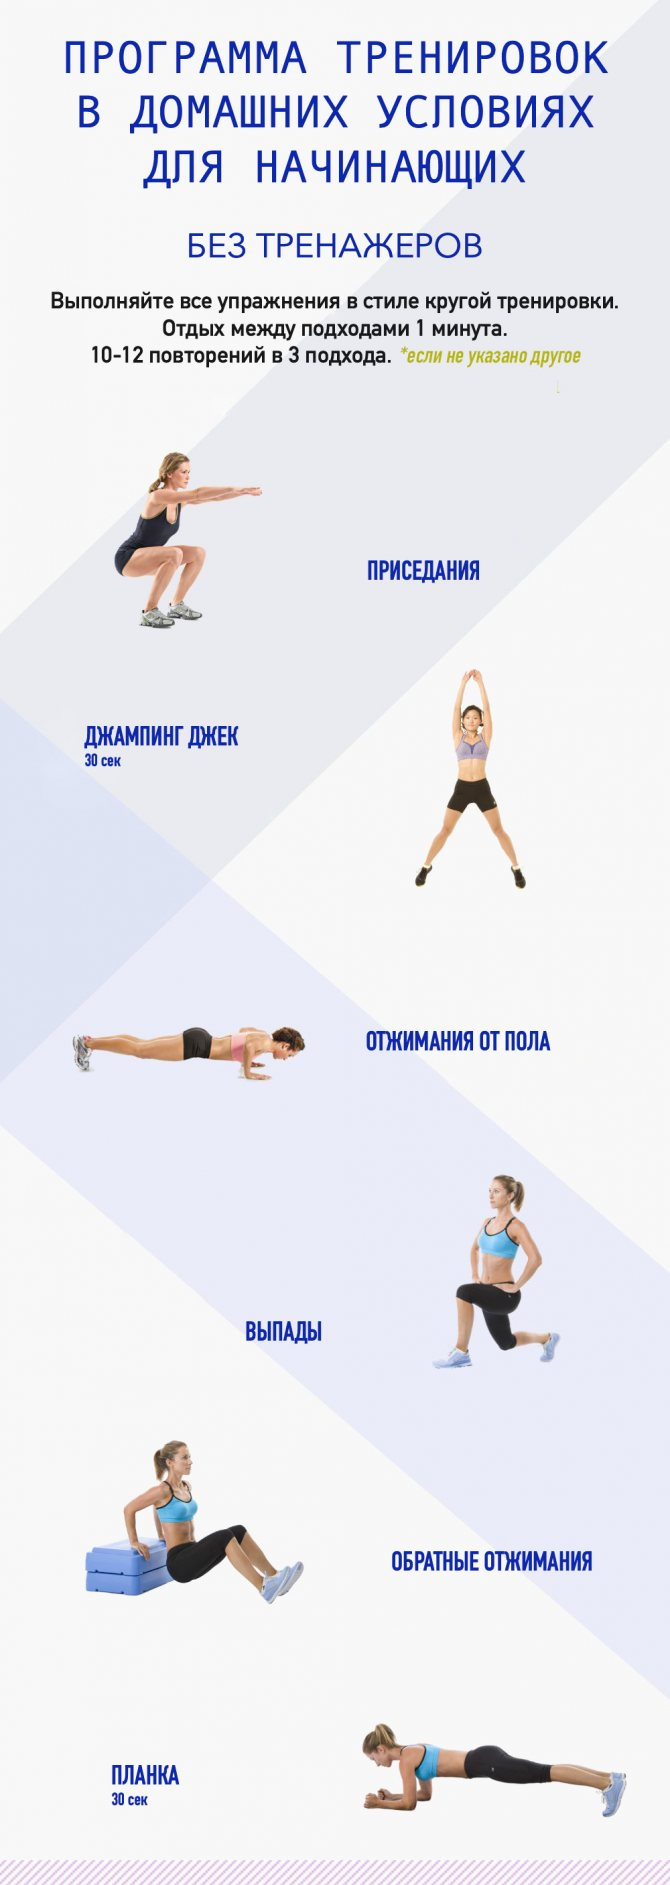 Кроссфит программы тренировок для начинающих девушек